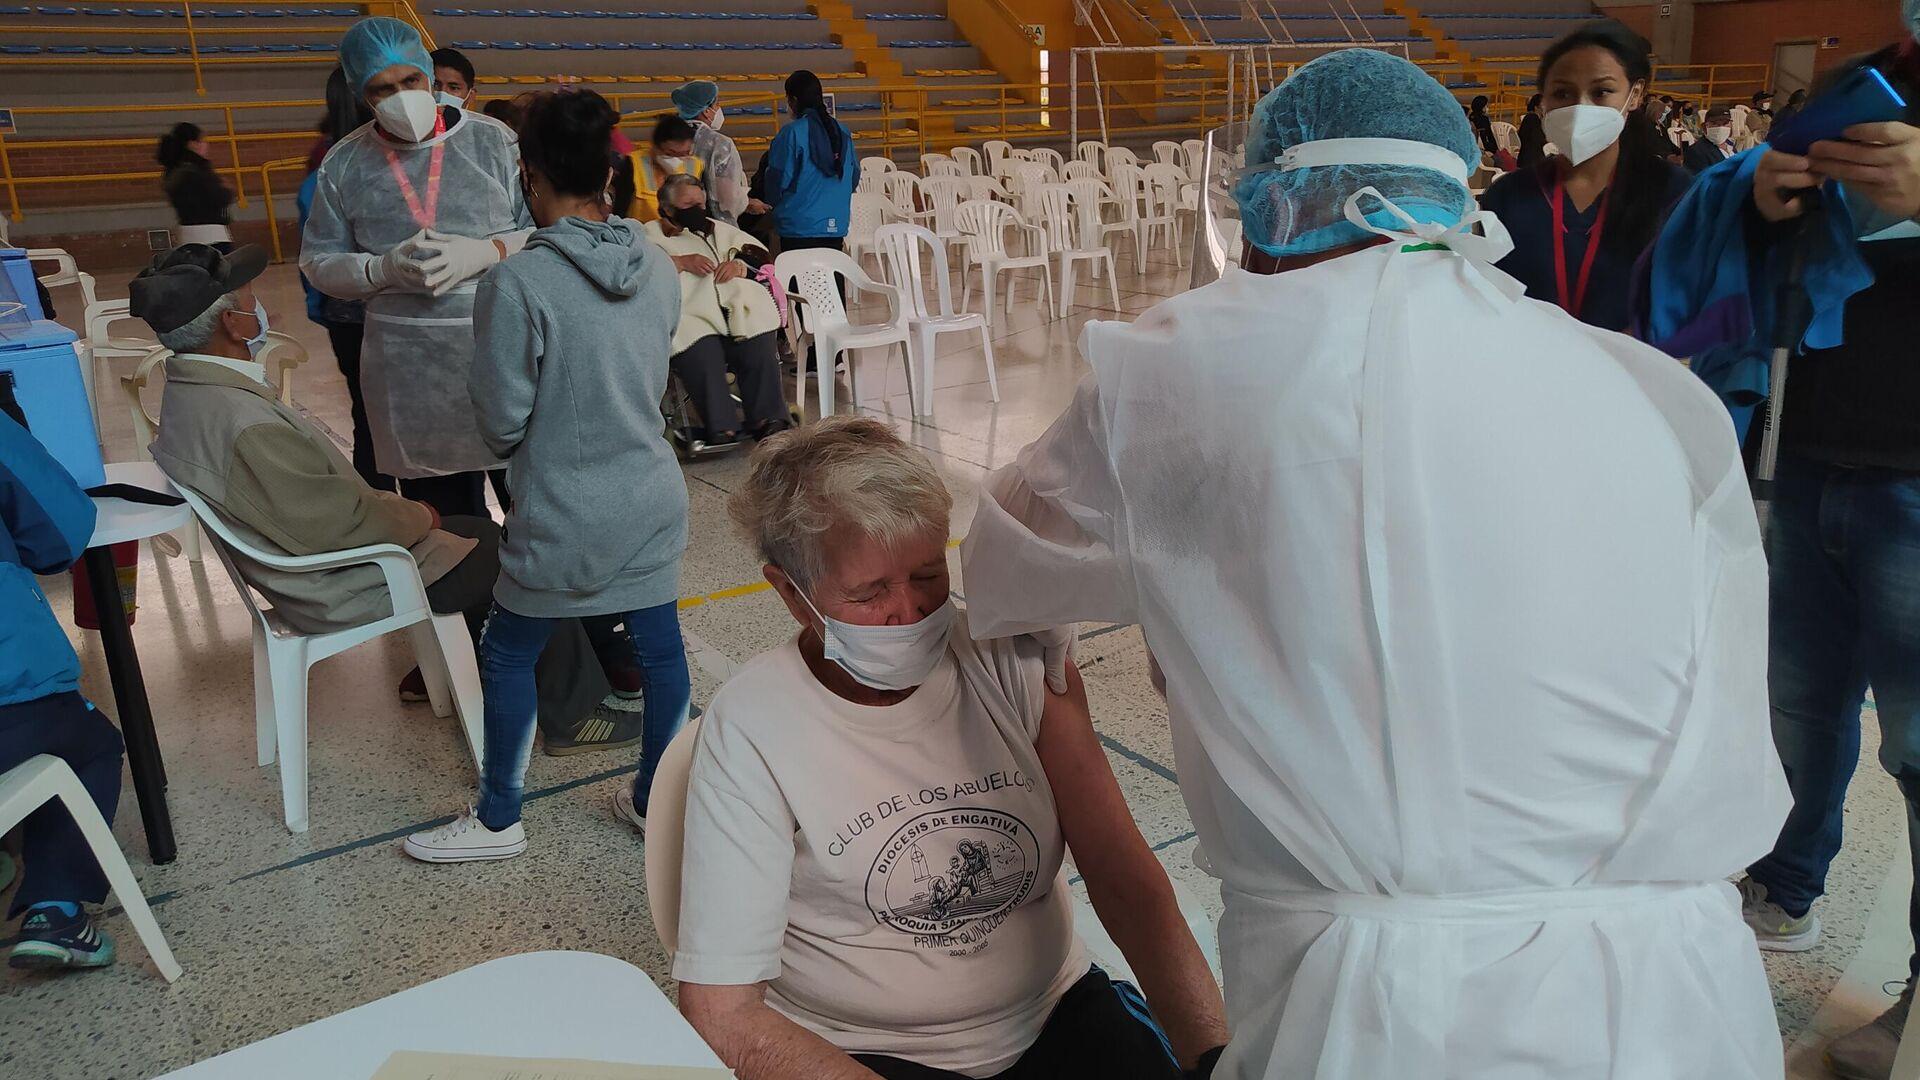 Jornada de vacunación a adultos mayores en El Tunal, Bogotá - Sputnik Mundo, 1920, 17.03.2021